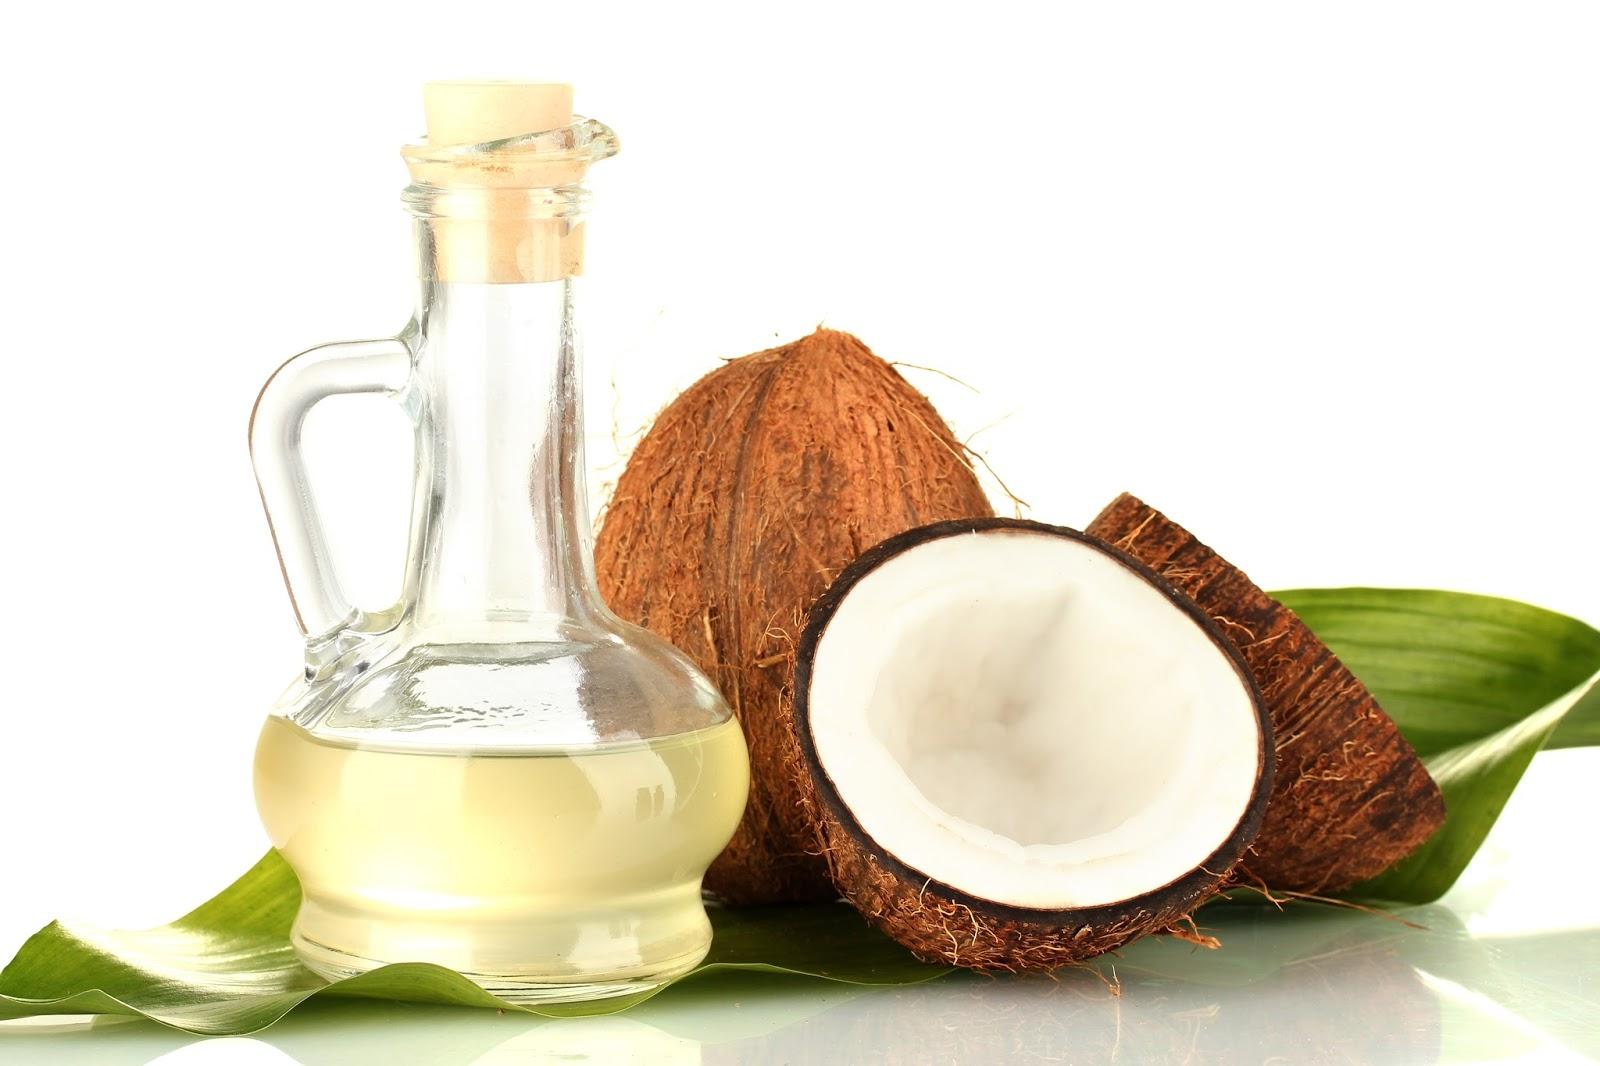 kokosovoe maslo polza masel